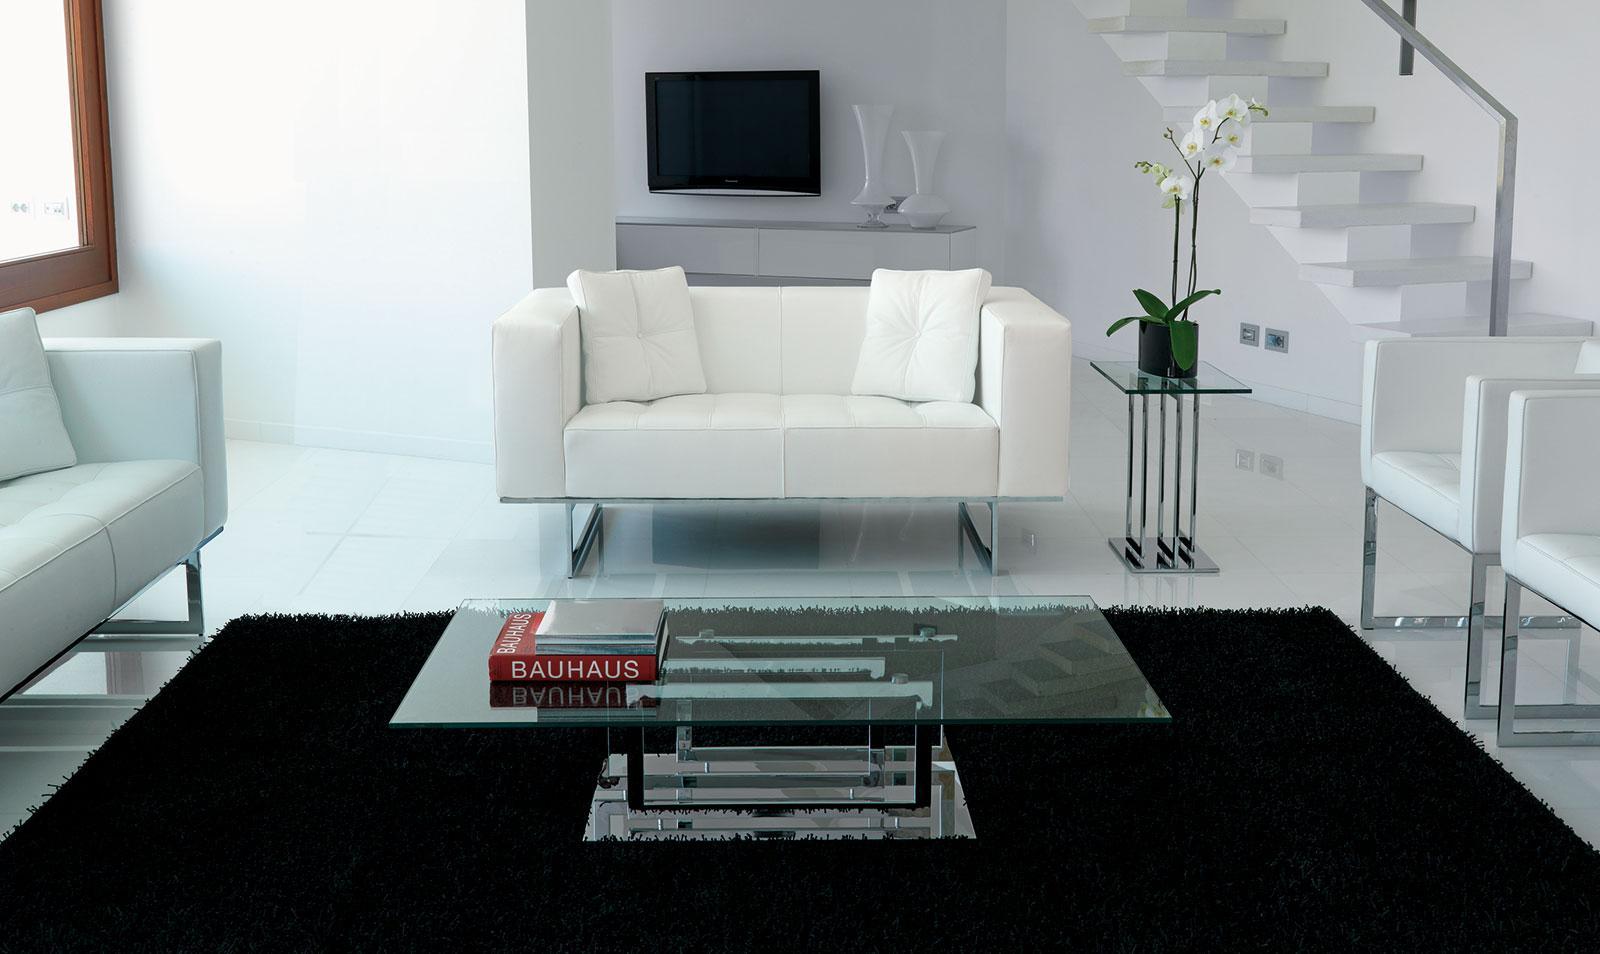 Arredamenti moderni di lusso arredamenti moderni di lusso for Arredamento moderno di lusso